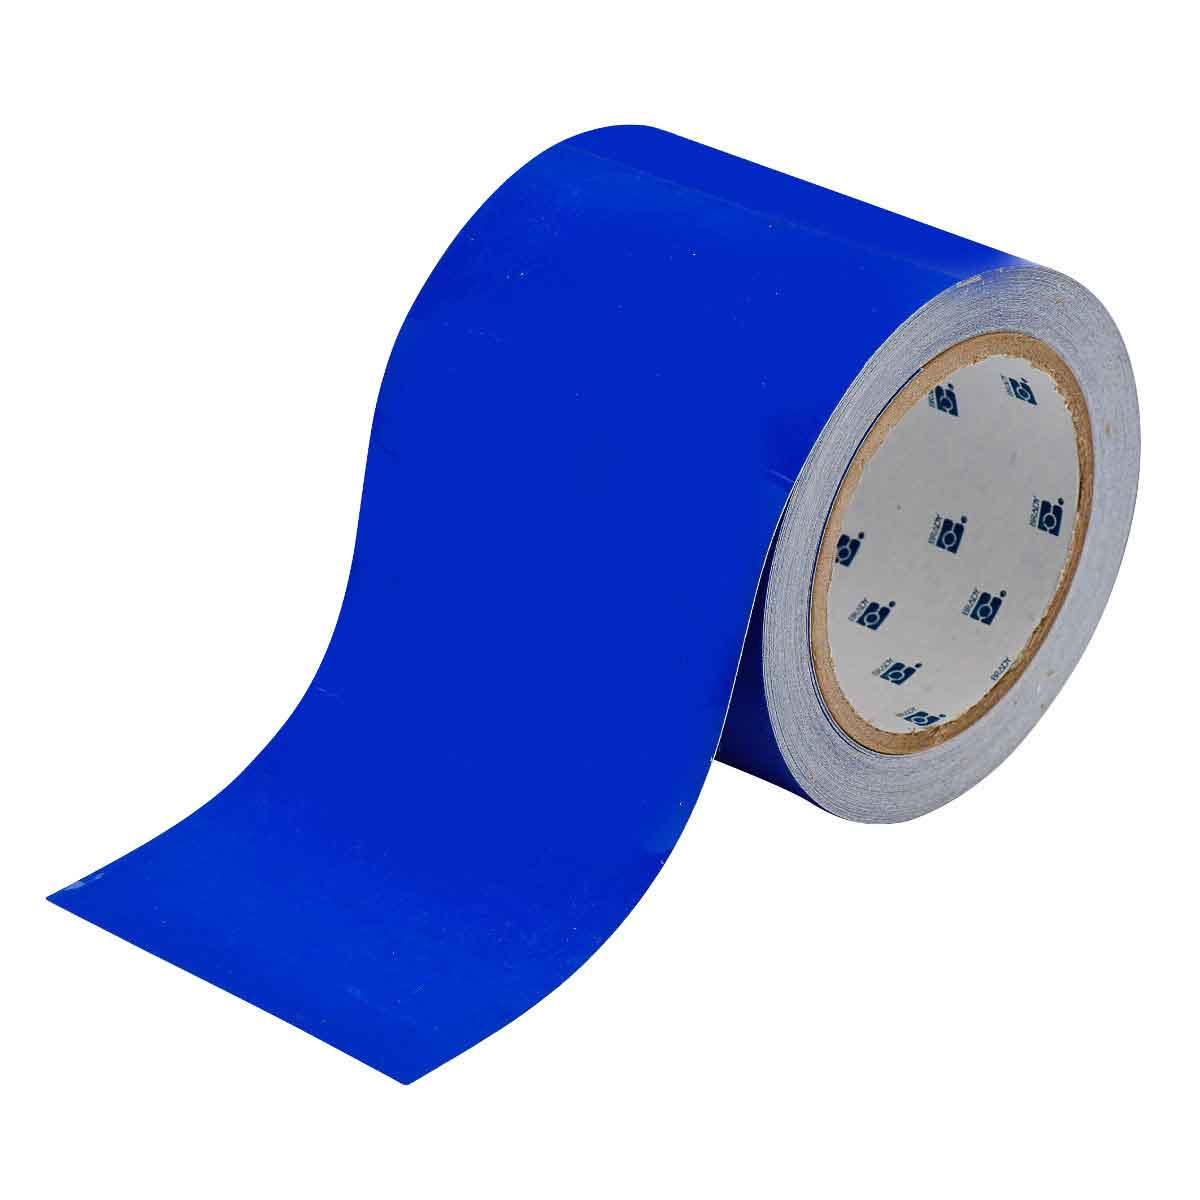 Brady® ToughStripe® 104315 Floor Marking Tape, 100 ft L x 2 in W, Green, Polyester